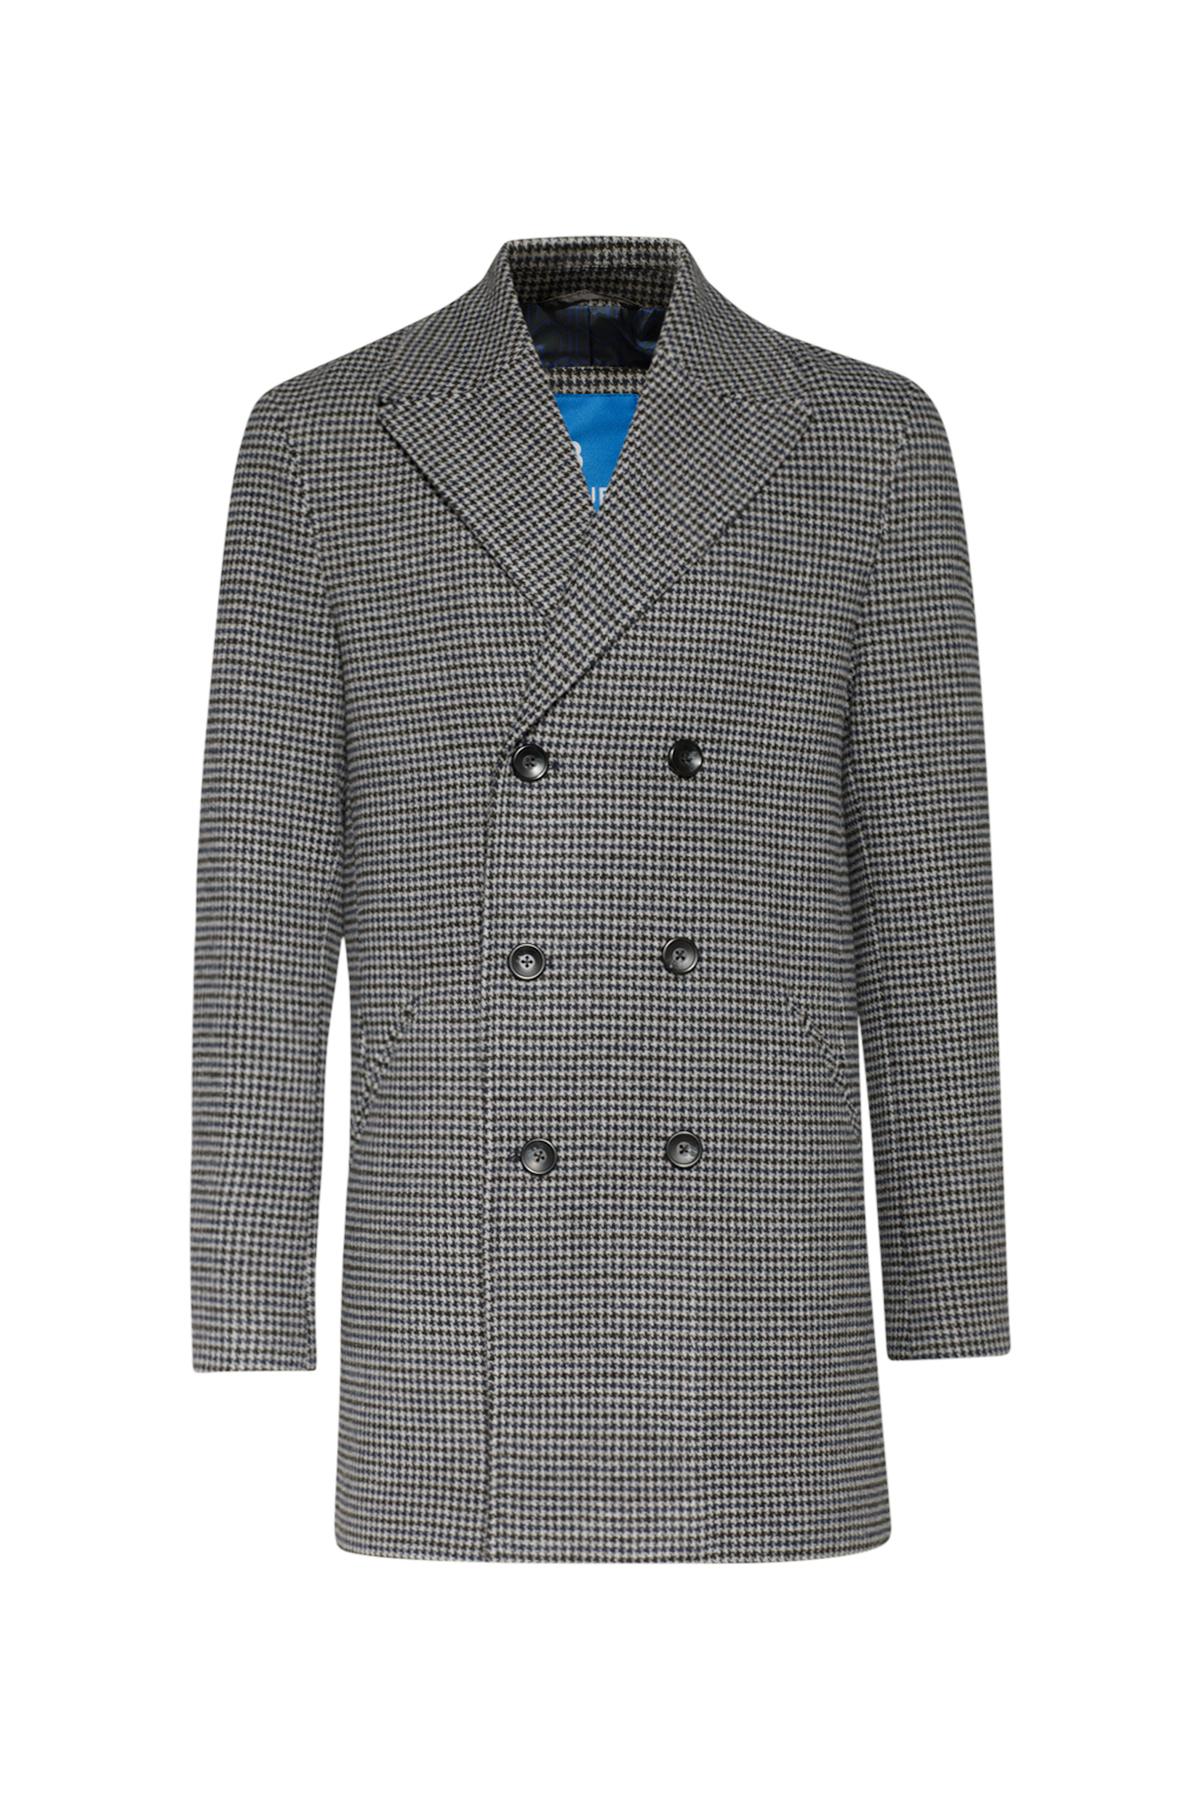 Fashion 0120 Homme94620221 We Poule Manteau Pied De YfvmyIb76g